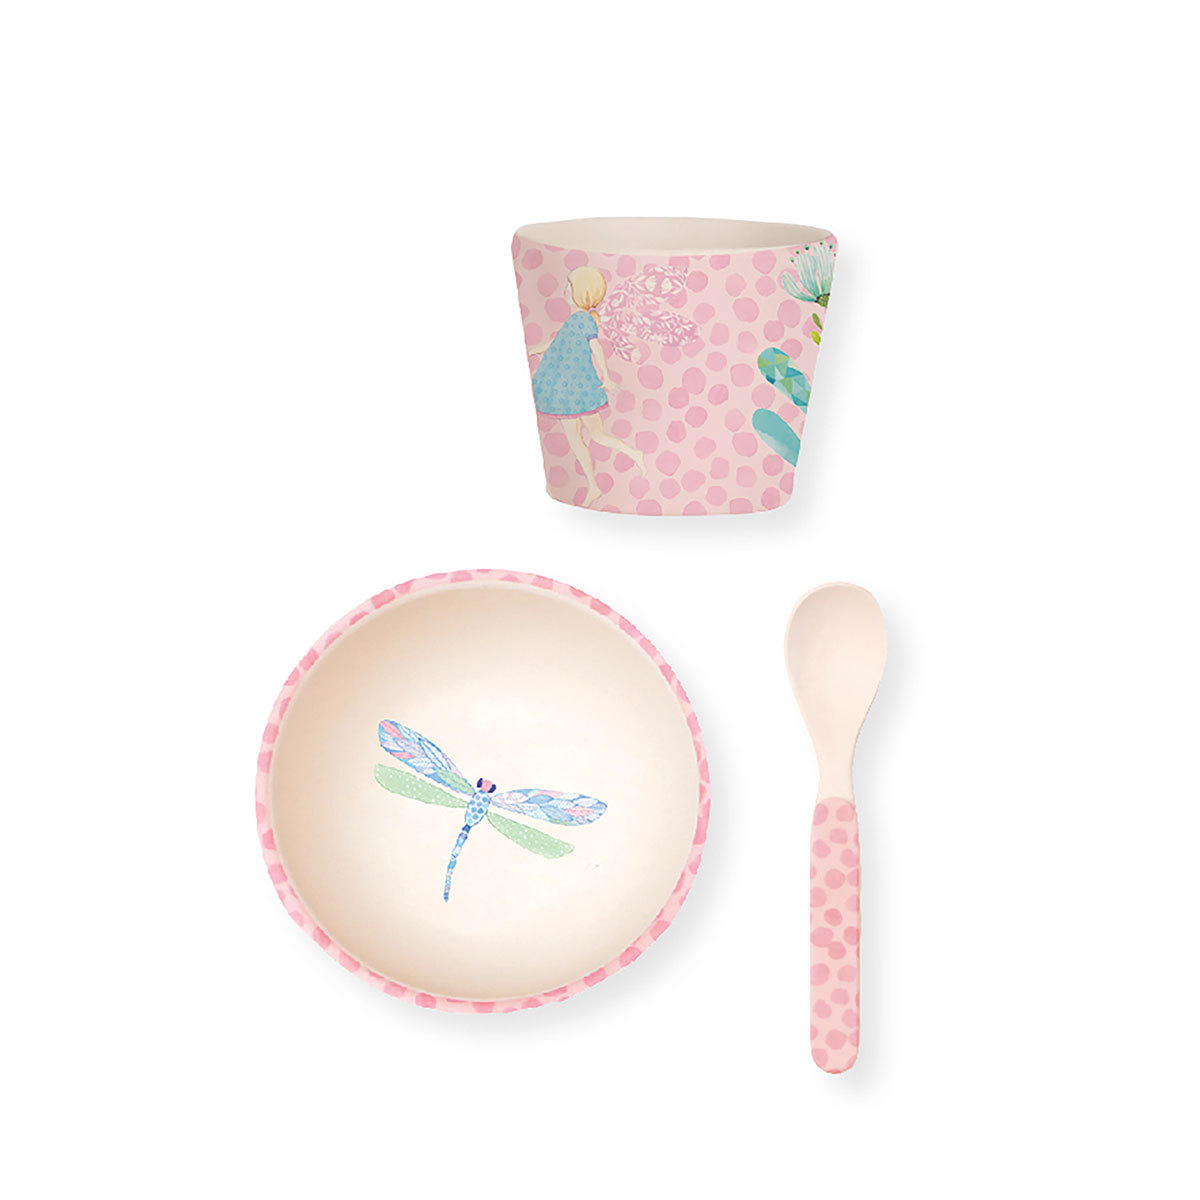 Coffret repas Coffret Repas Bébé avec Ventouse - Fairy Coffret Repas Bébé avec Ventouse - Fairy